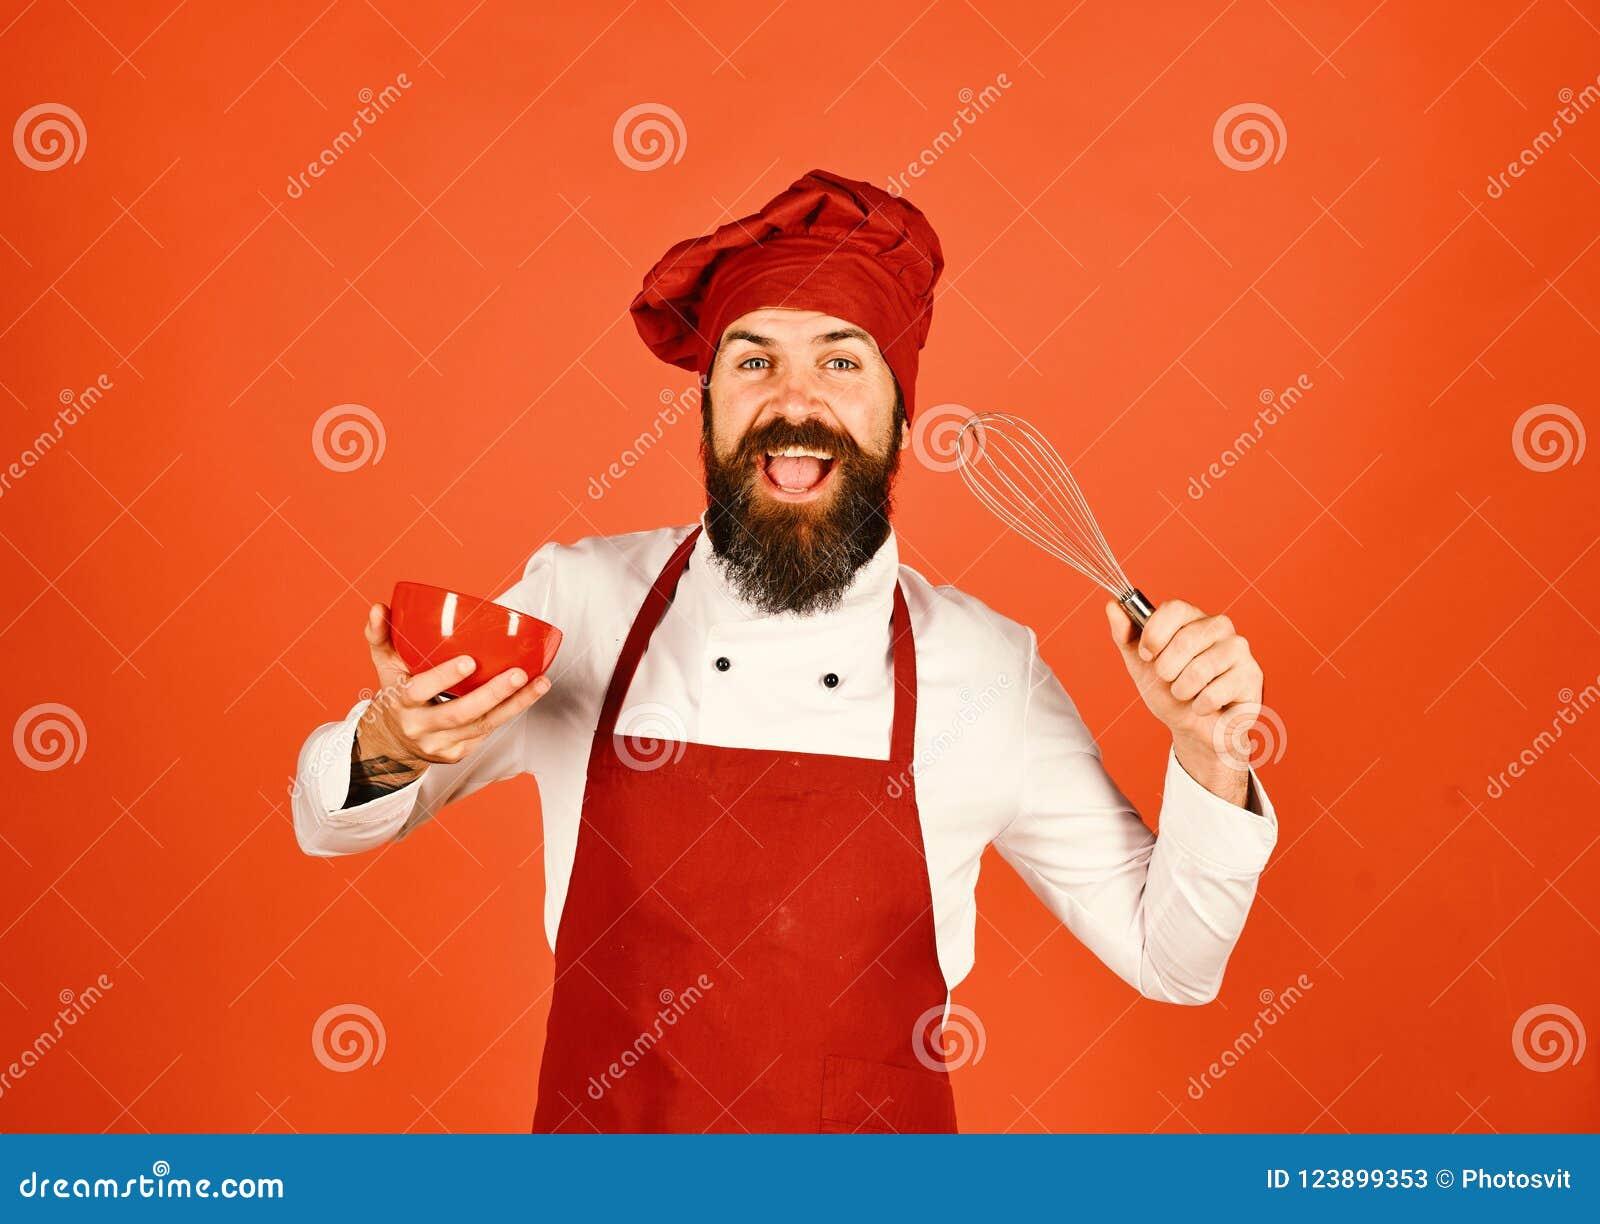 Chef mit Platte und peitschen Gerät Koch mit fröhlichem Gesicht